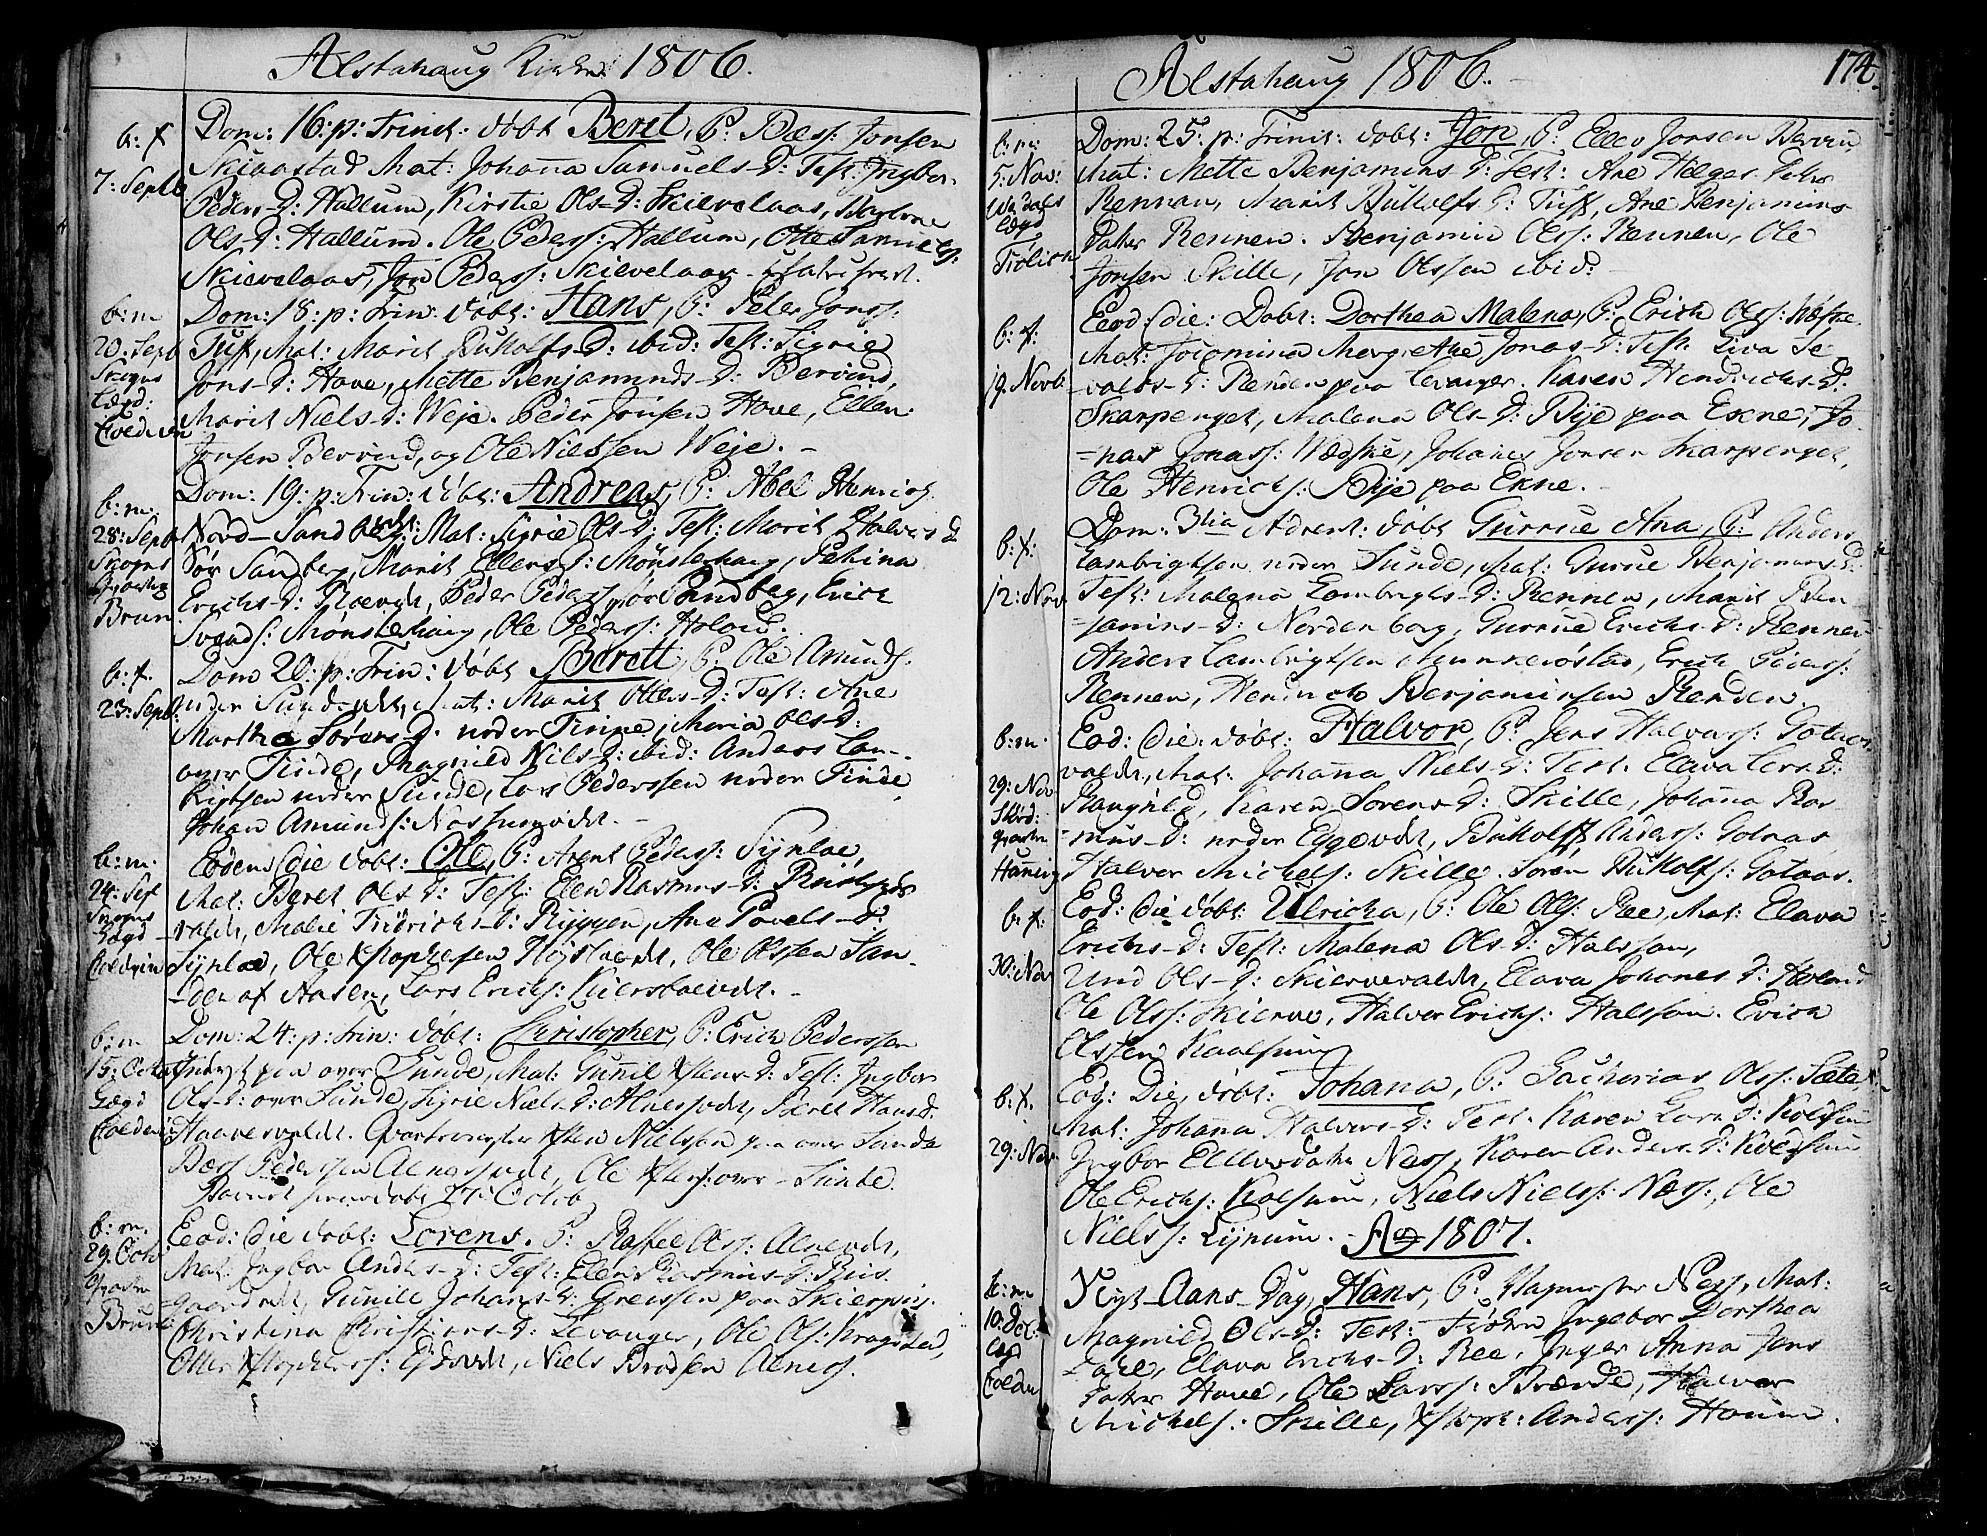 SAT, Ministerialprotokoller, klokkerbøker og fødselsregistre - Nord-Trøndelag, 717/L0142: Ministerialbok nr. 717A02 /1, 1783-1809, s. 174